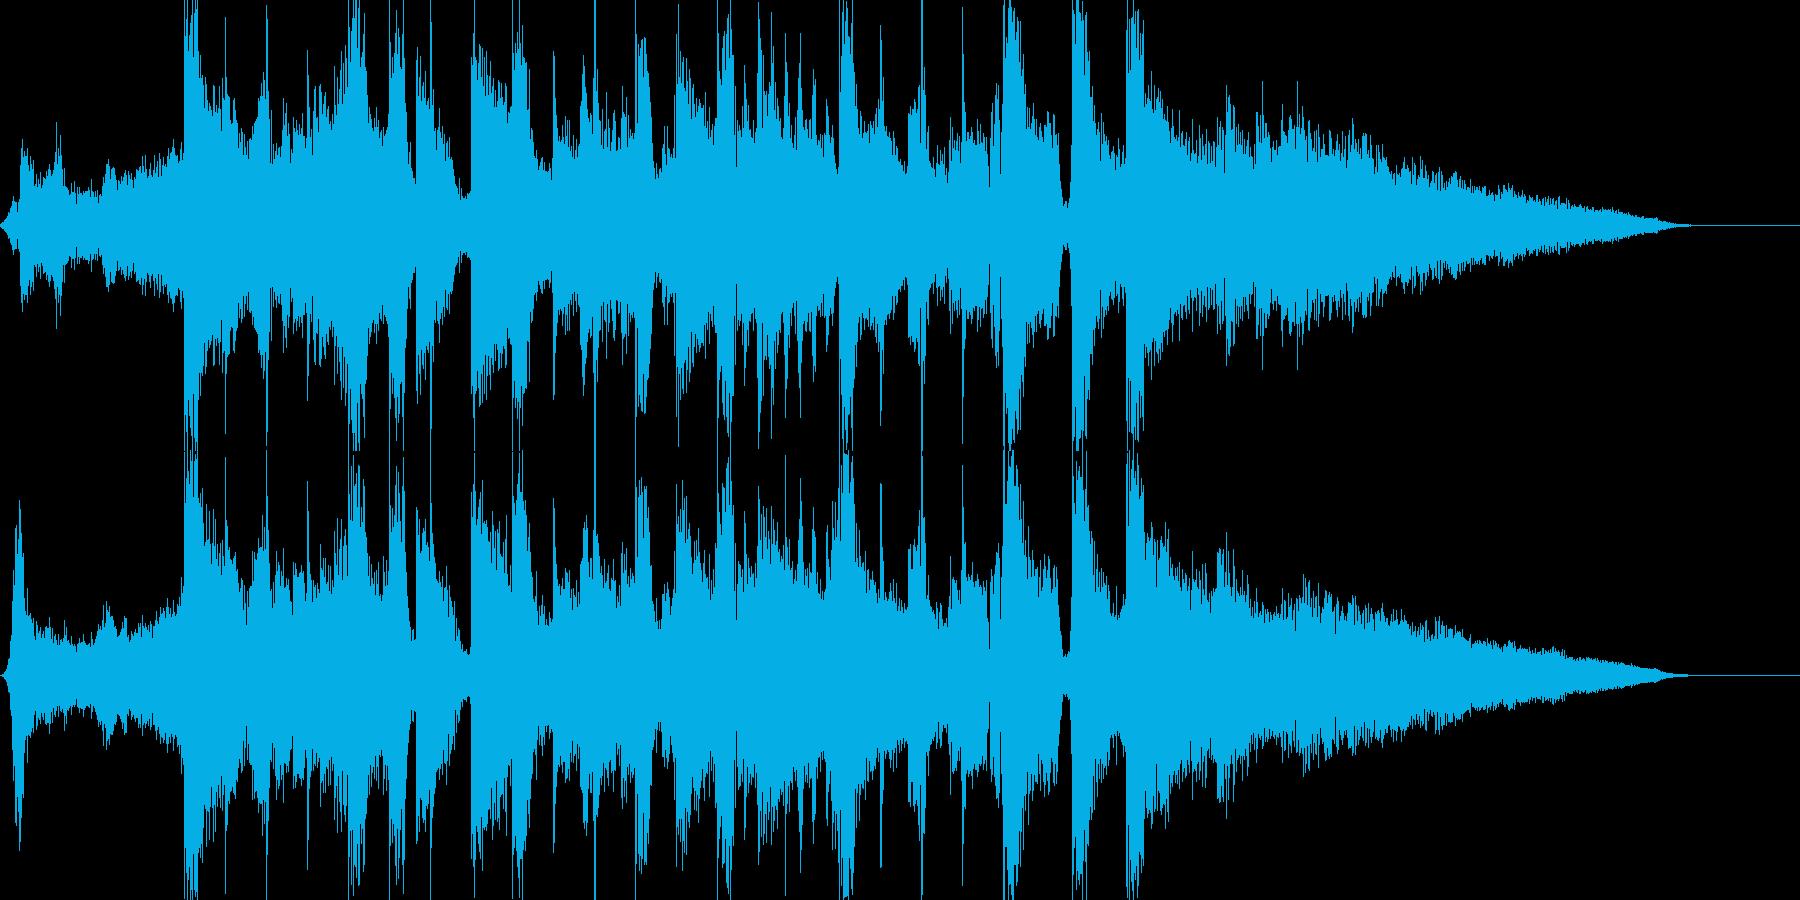 エレクトロサウンド15秒CM楽曲。の再生済みの波形